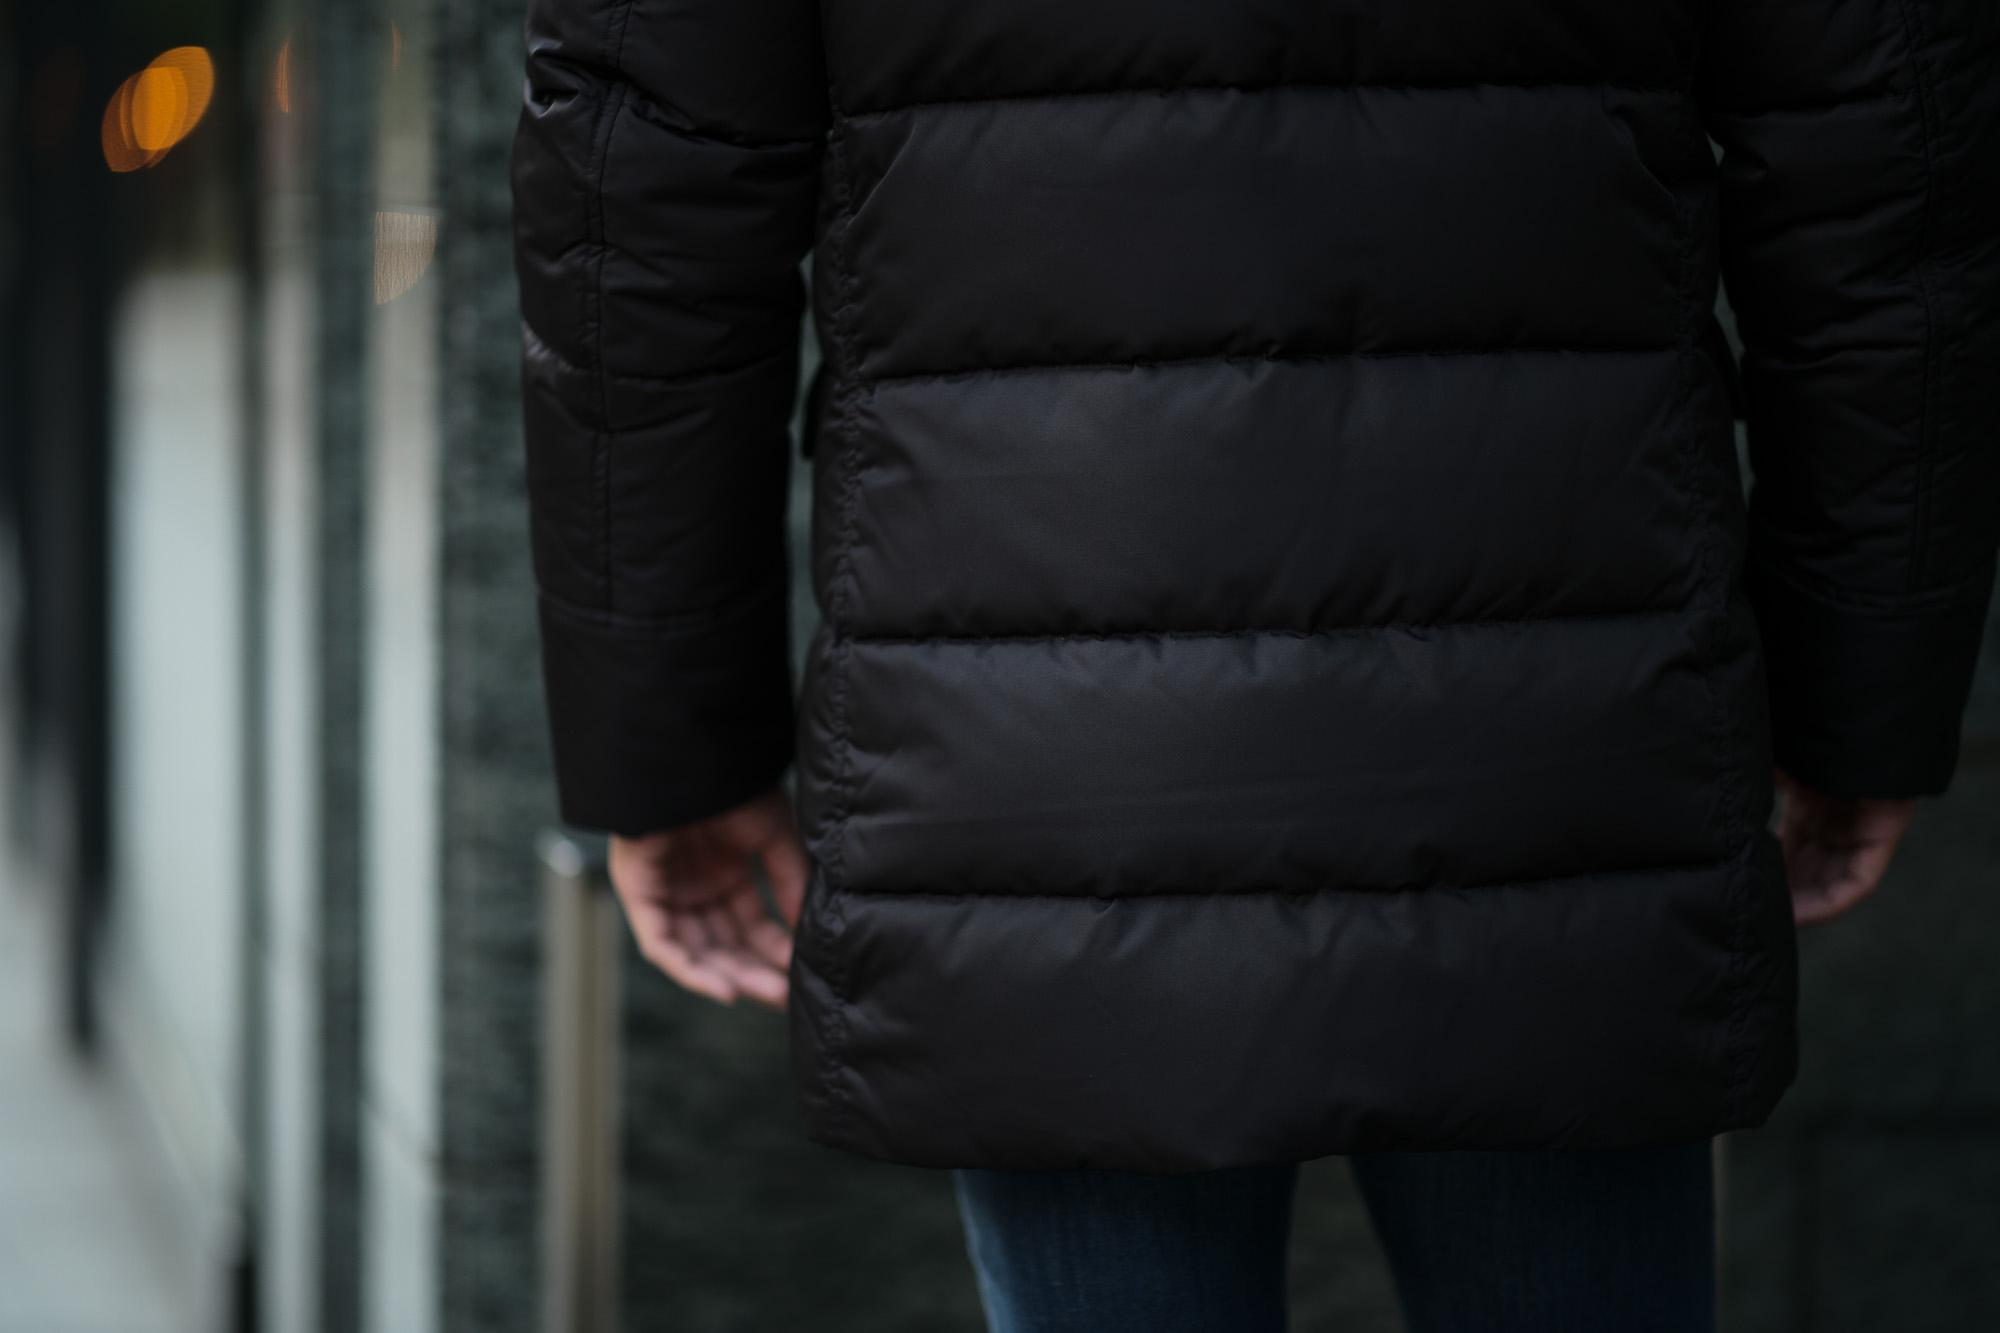 MOORER (ムーレー) BARBIERI-KM(バルビエリ) ホワイトグースダウン ナイロン フーデッド ダウンコート NERO(ブラック) Made in italy (イタリア製) 2018 秋冬新作  moorer 愛知 名古屋 ALTOE DIRITTO アルトエデリット ダウン